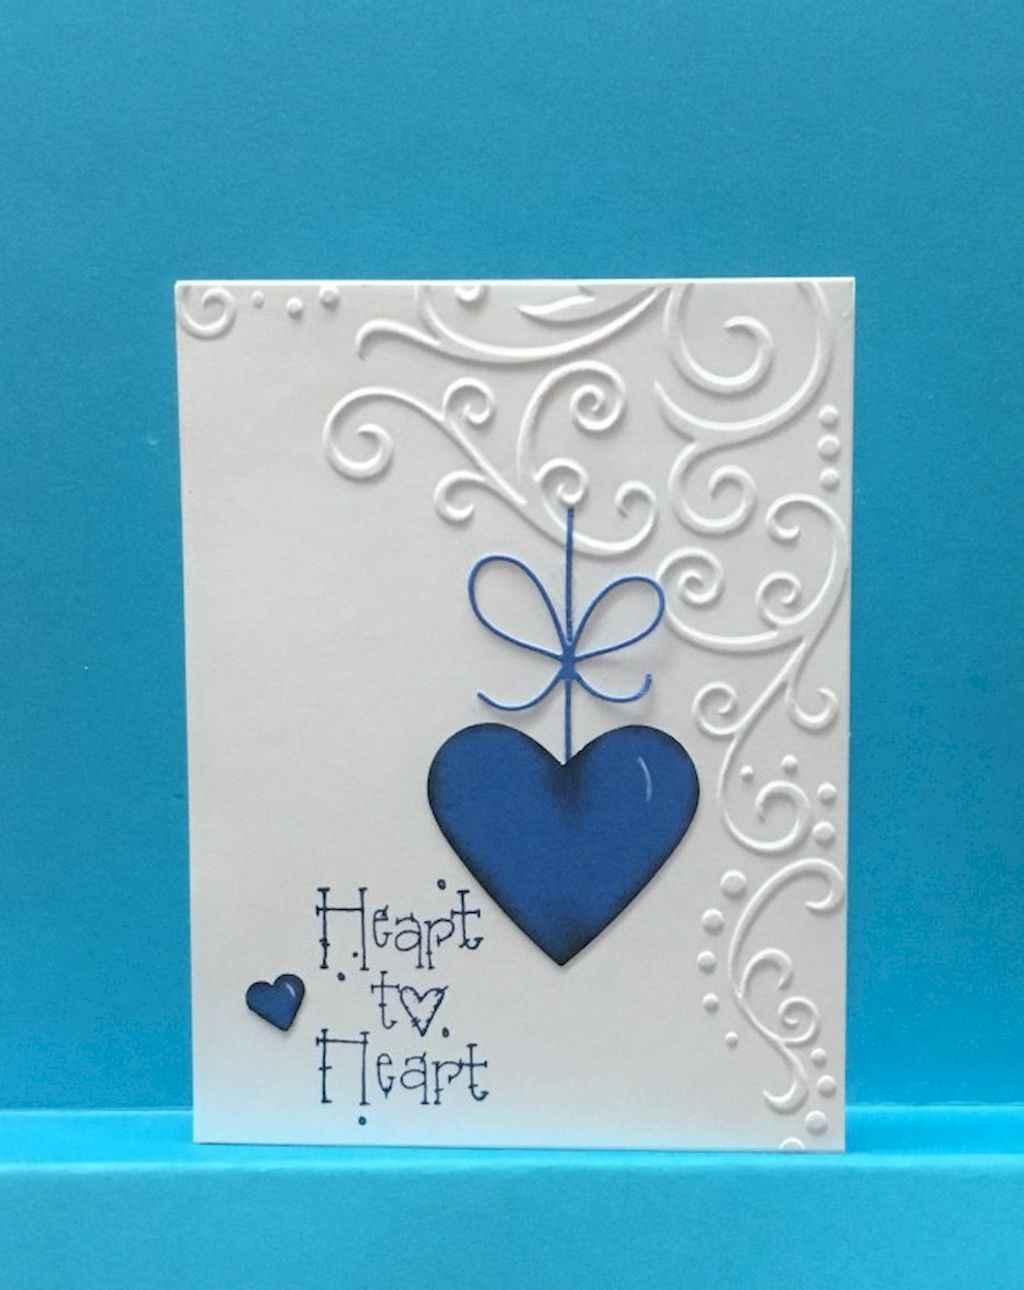 50 Romantic Valentines Cards Design Ideas (31)